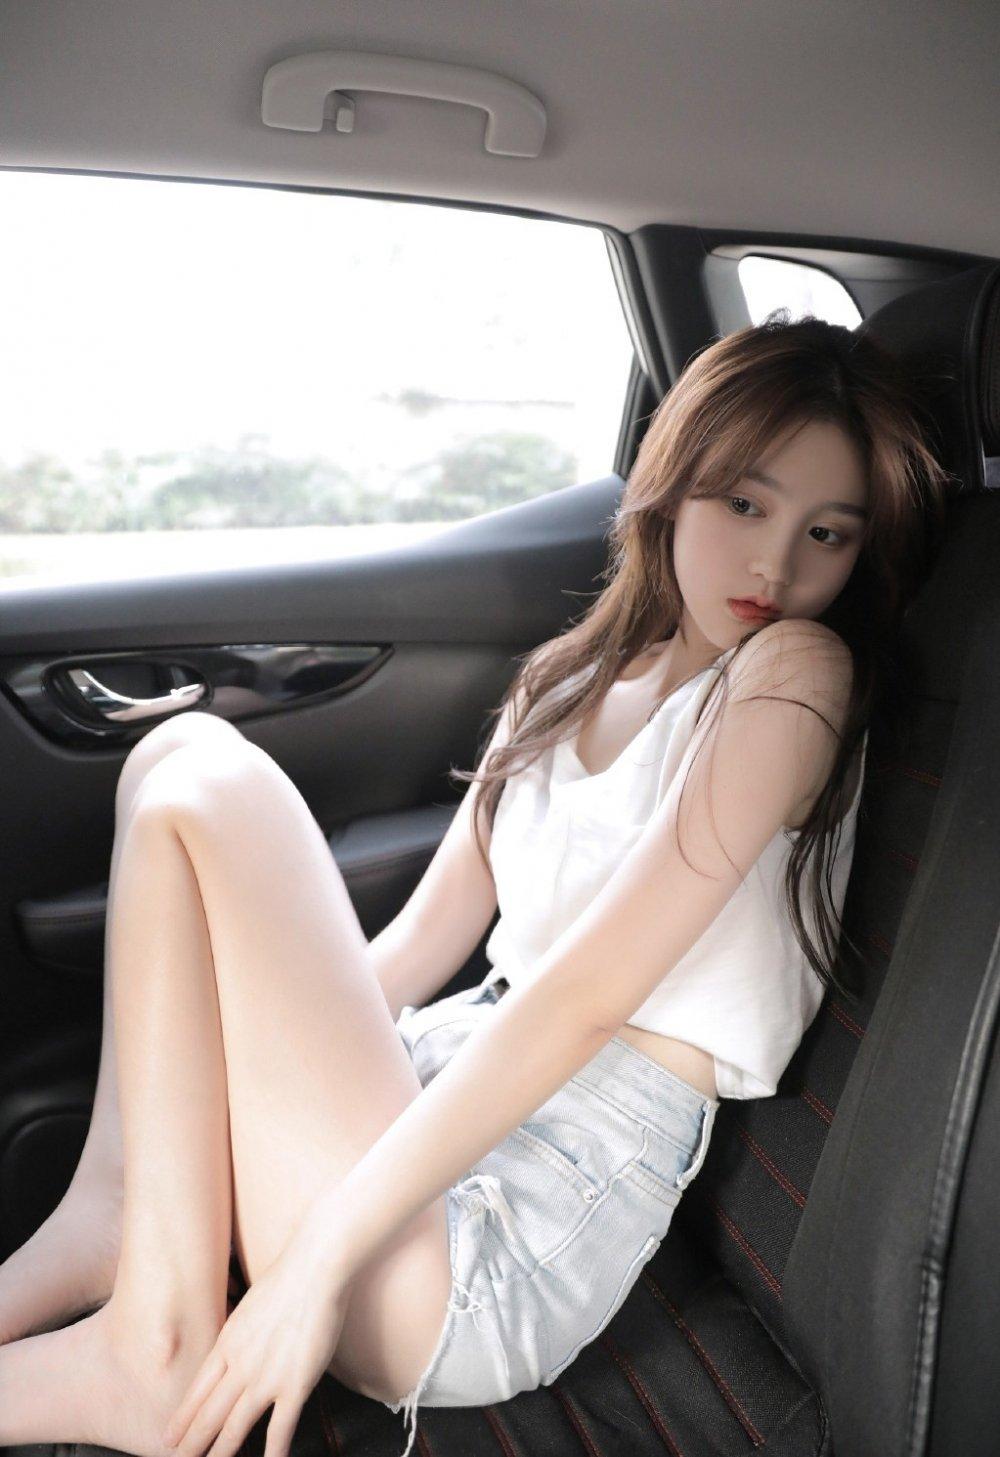 性感美女美腿车内写真图片